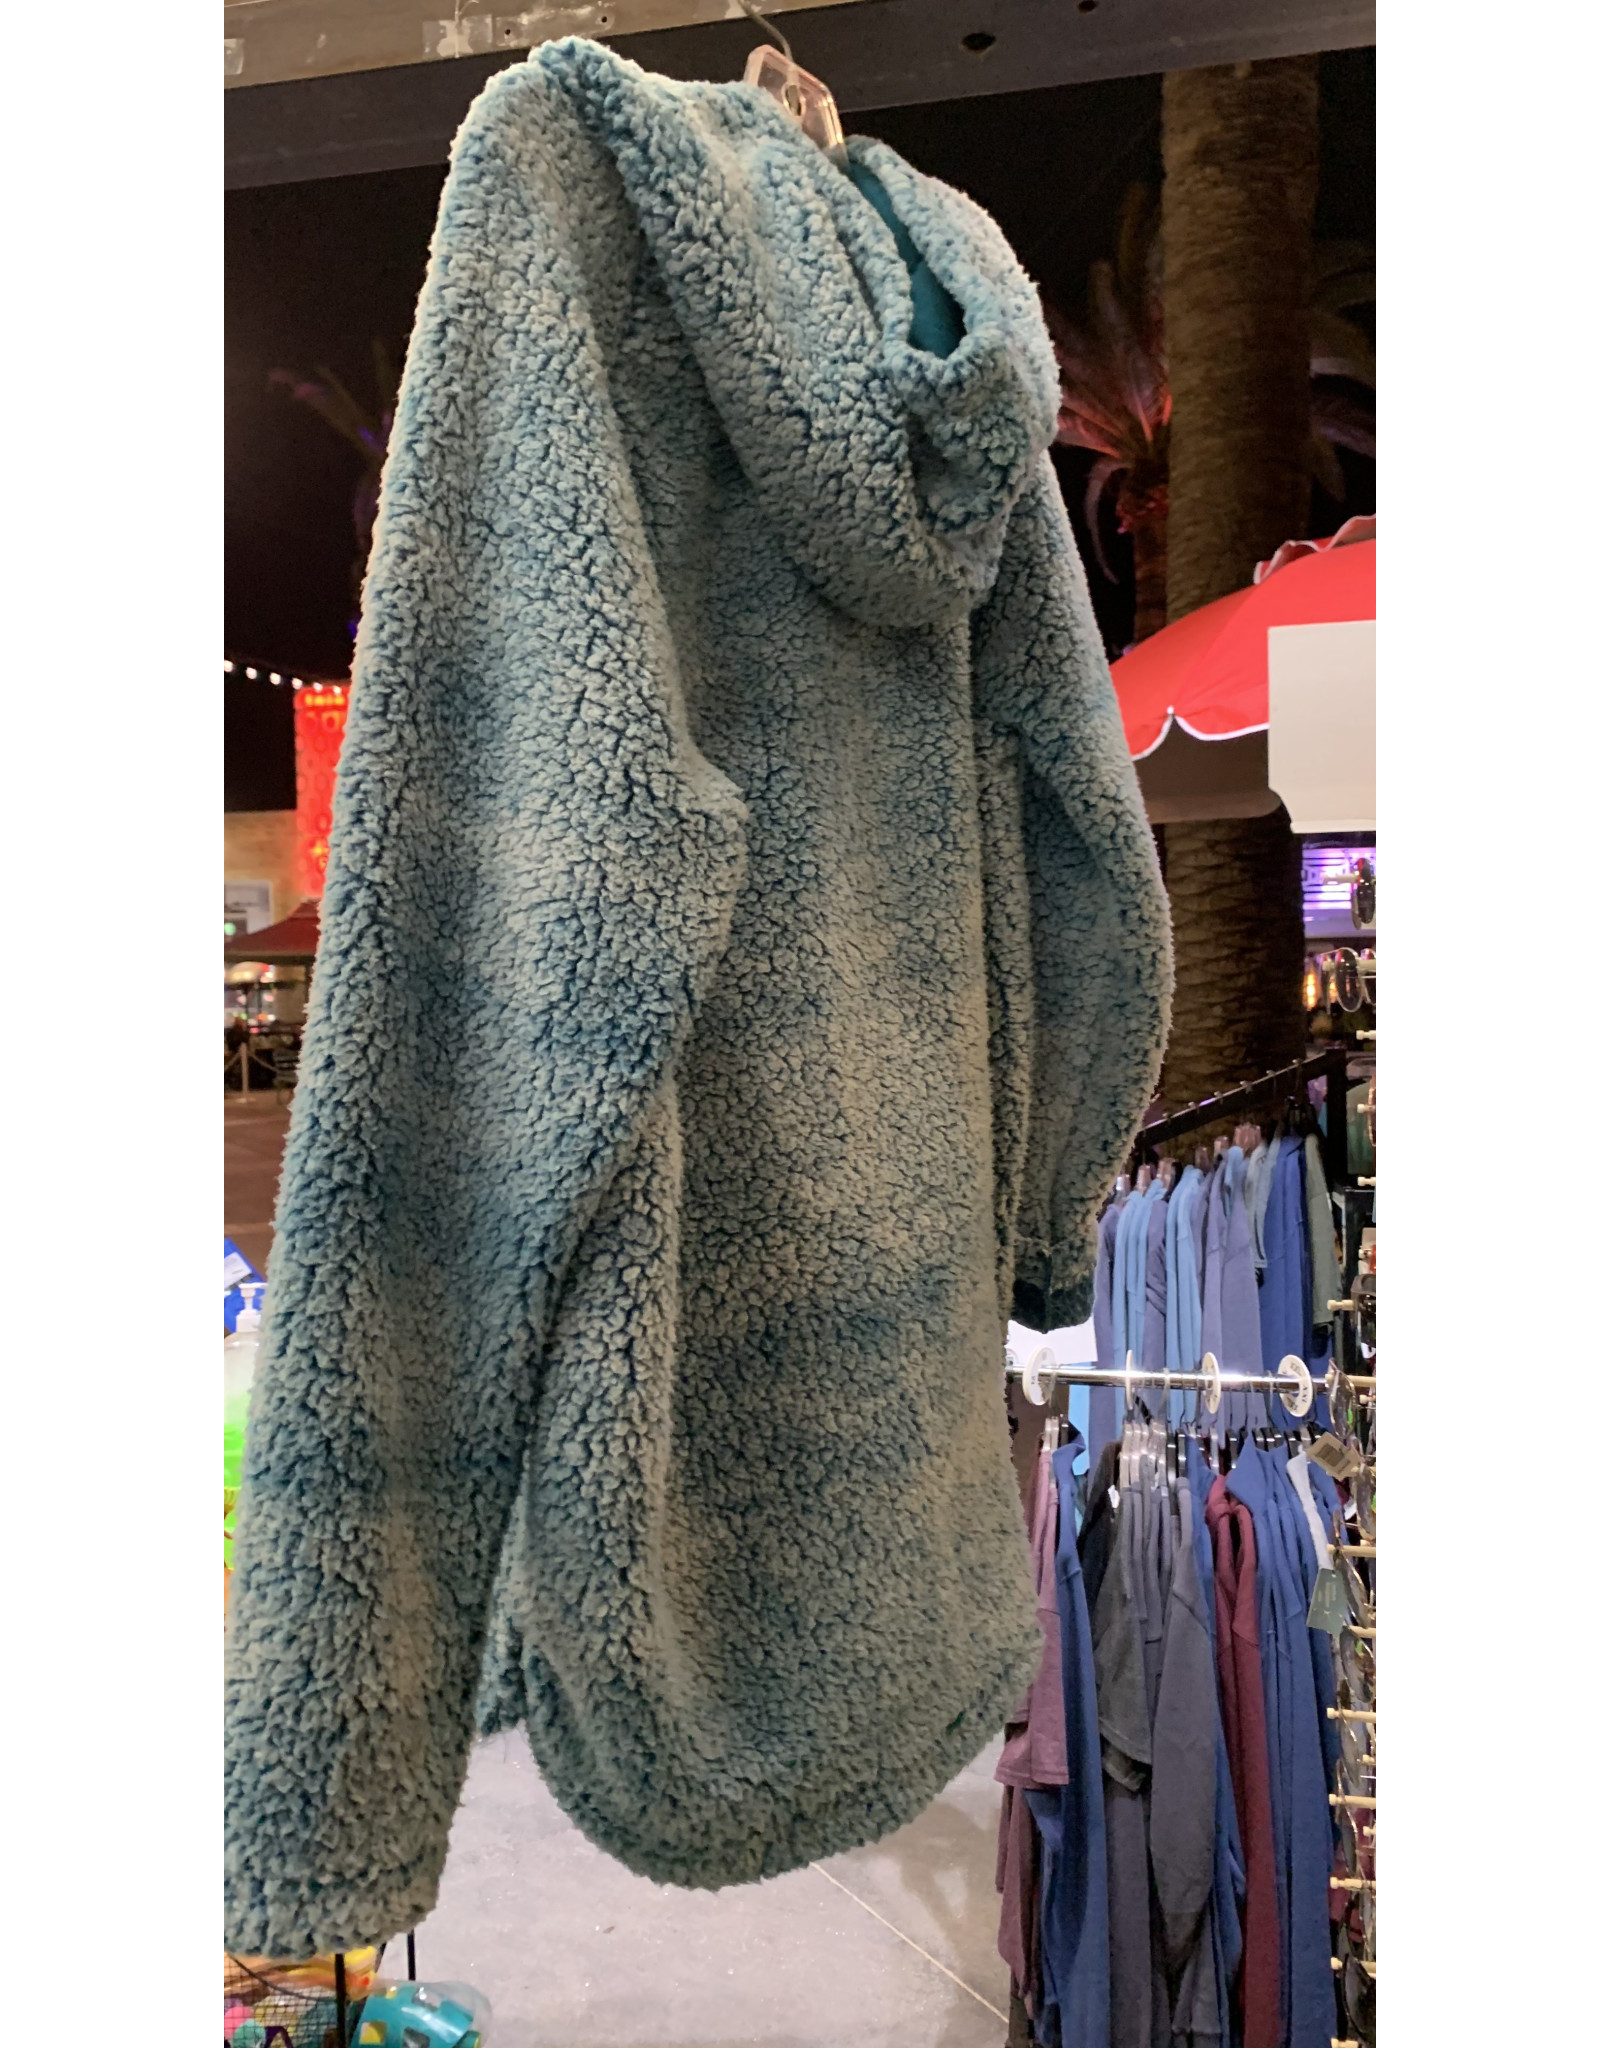 SALT CREEK APPAREL,LLC #901A  Ladies Cloud Sherpa Raglan Hoodie